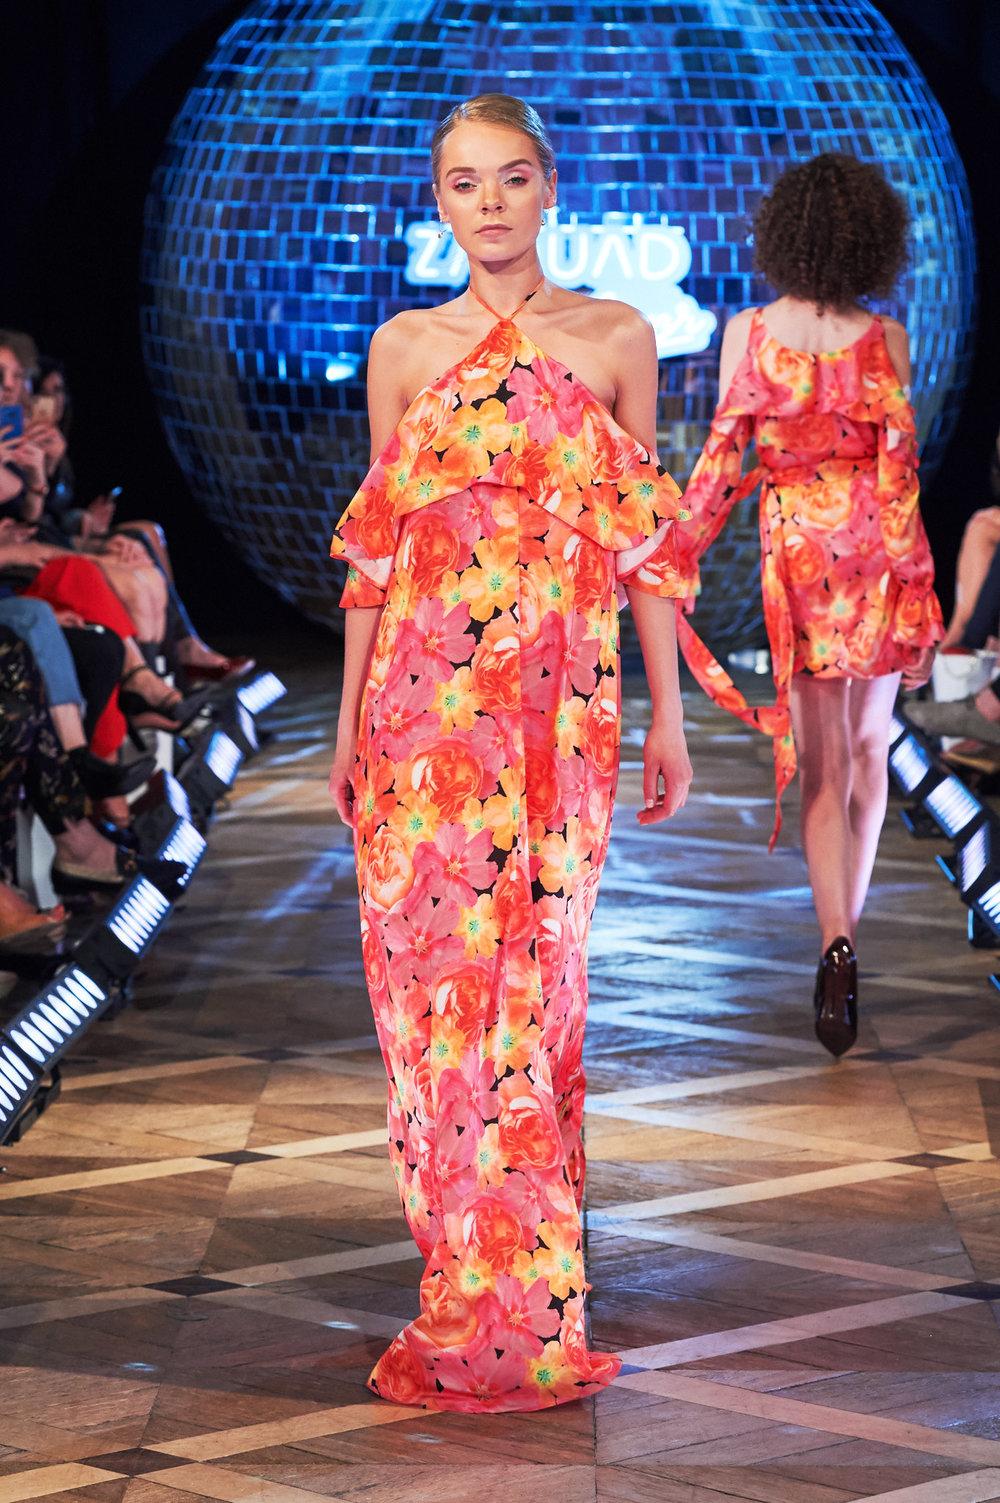 11_ZAQUAD_090519_lowres-fotFilipOkopny-FashionImages.jpg